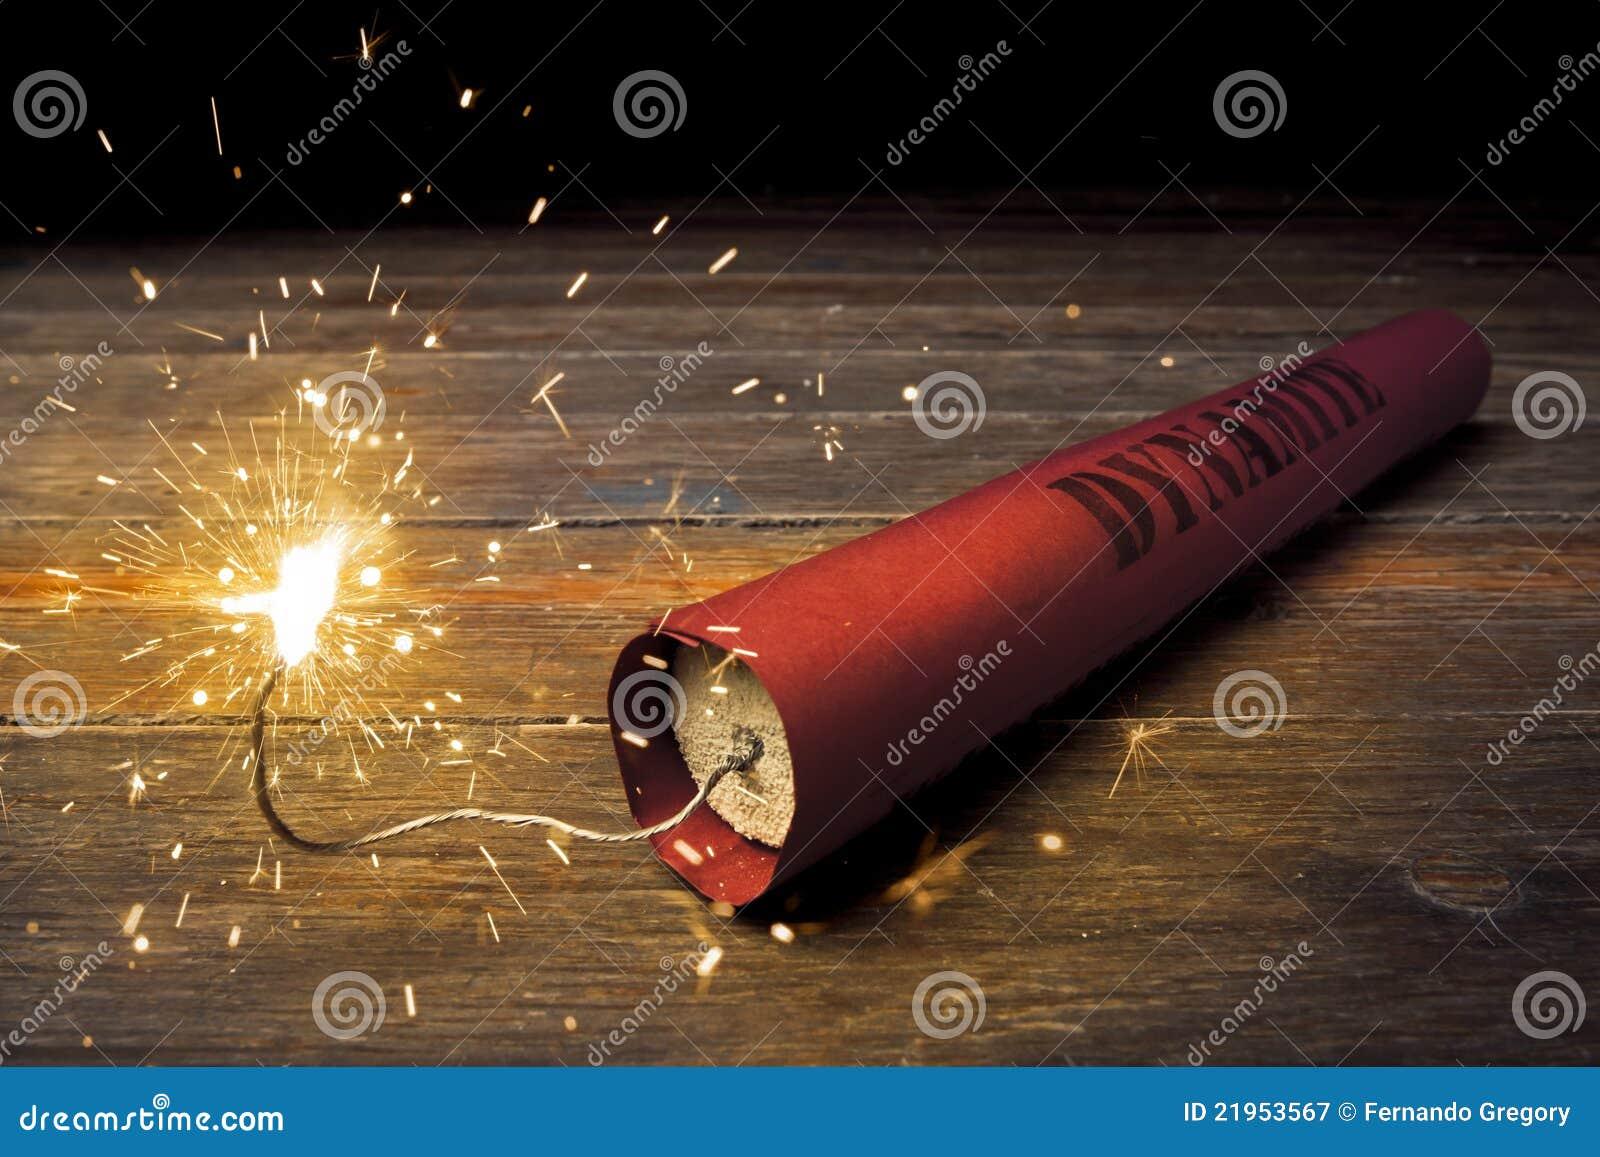 Lit Dynamite Stick On ...